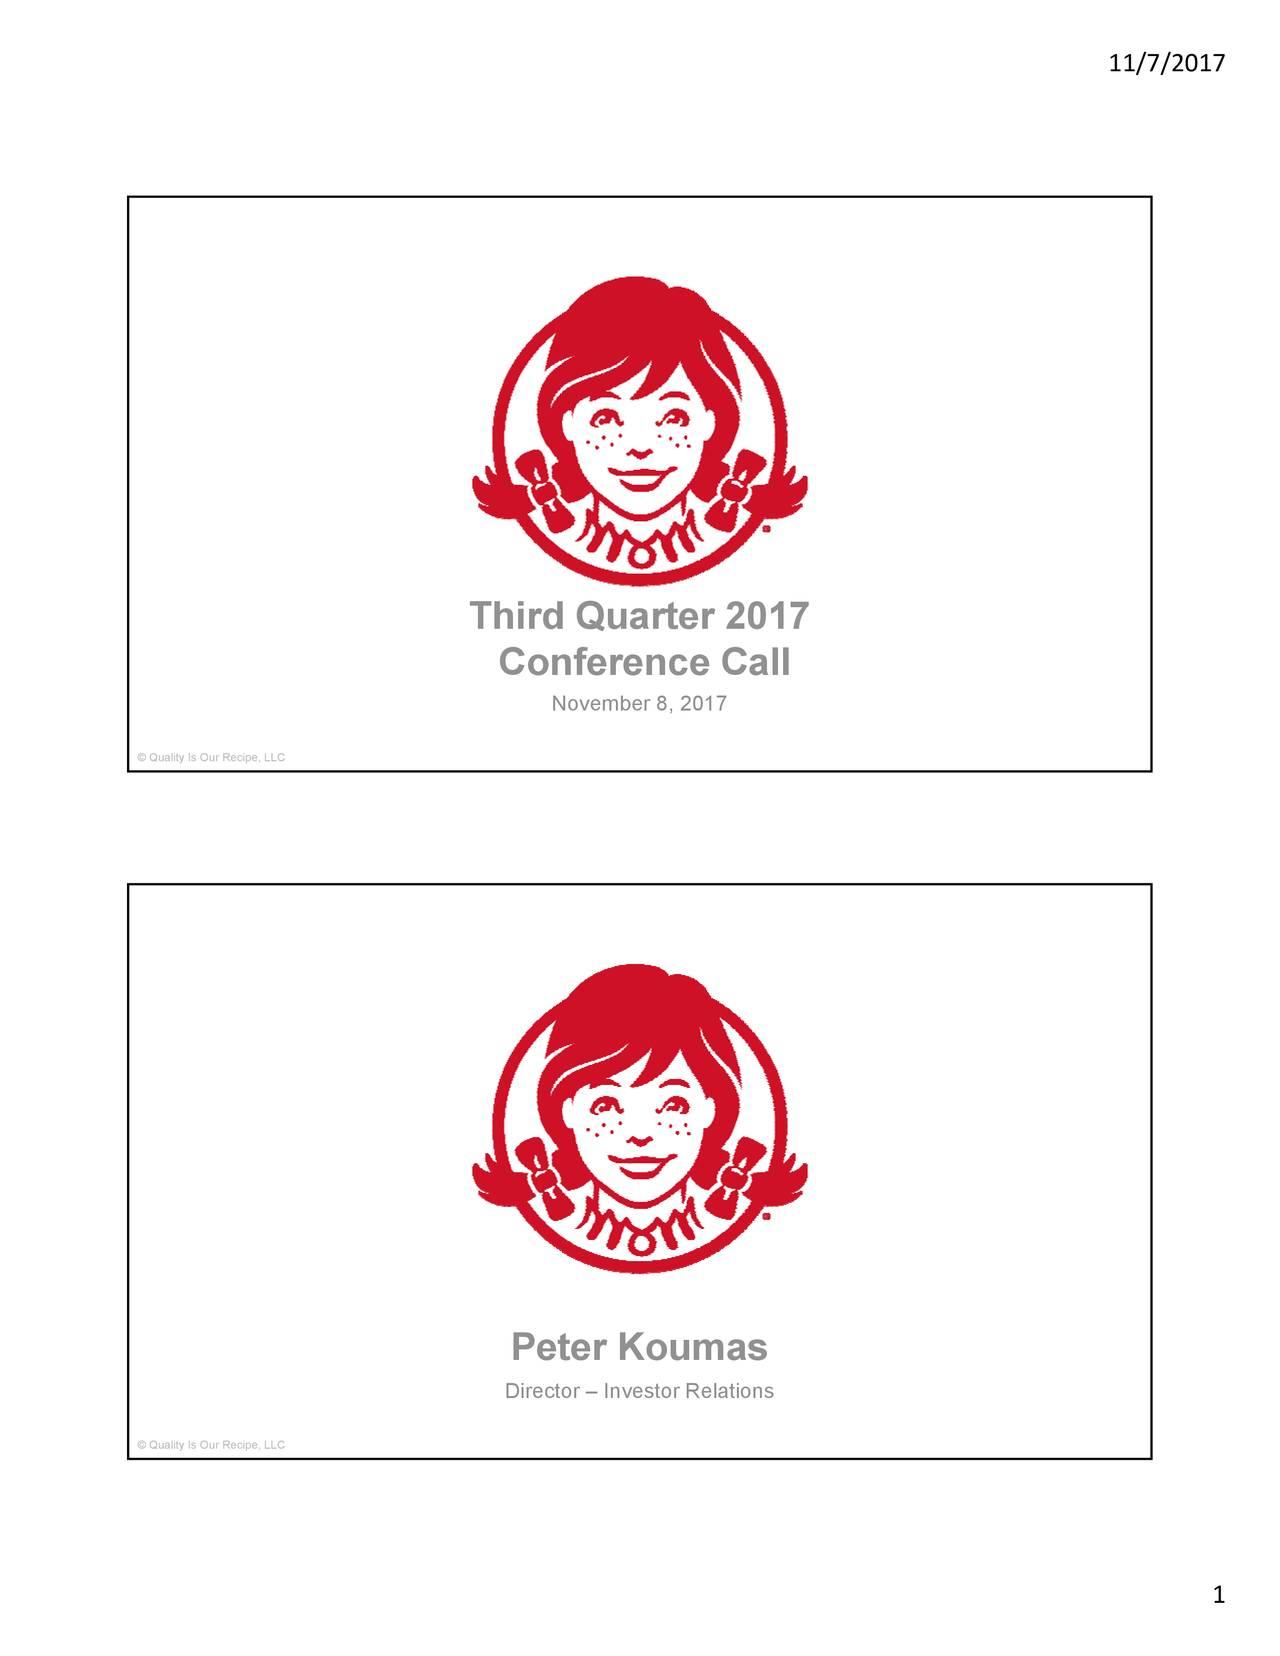 Third Quarter 2017 Conference Call November 8, 2017 © Quality Is Our Recipe, LLC Peter Koumas Director – Investor Relations © Quality Is Our Recipe, LLC 1